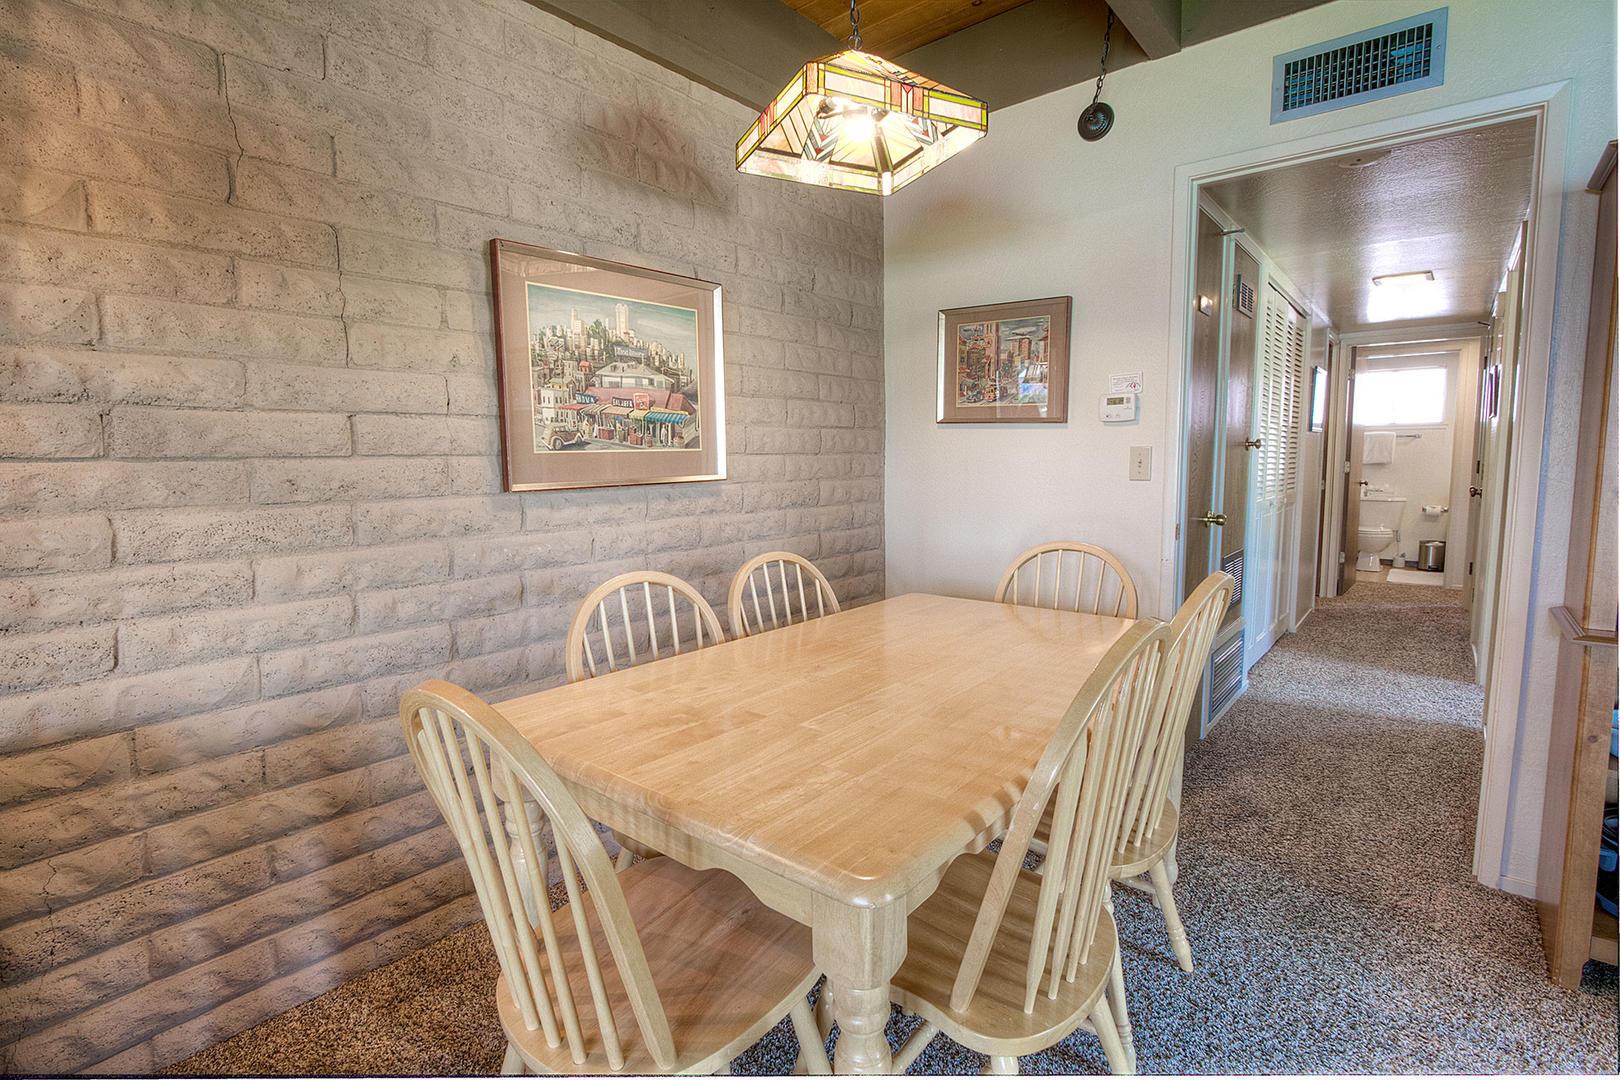 tkc0604 dining room